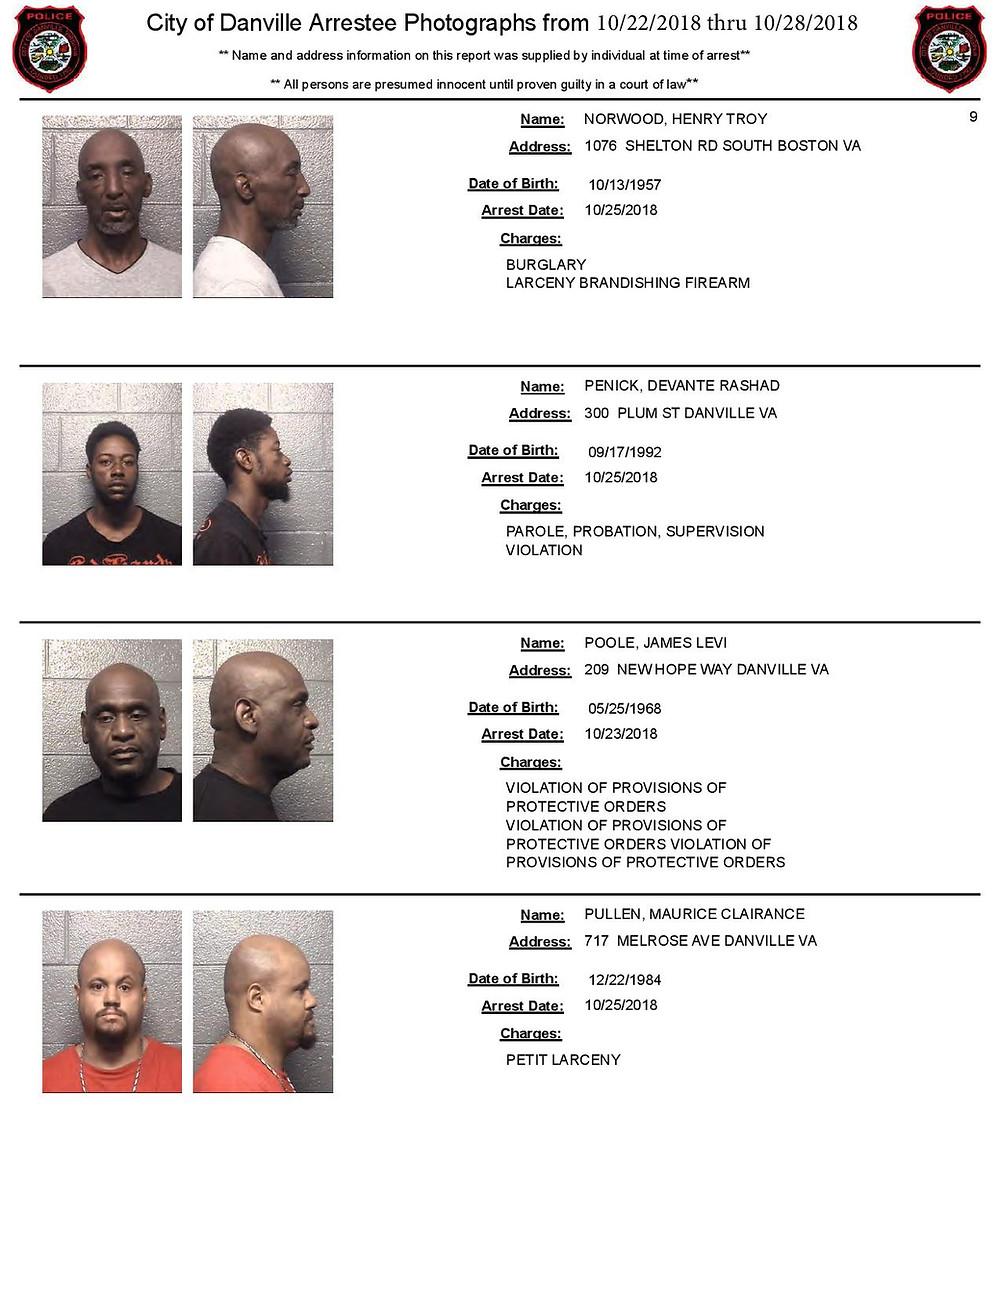 Mugshots in Danville VA